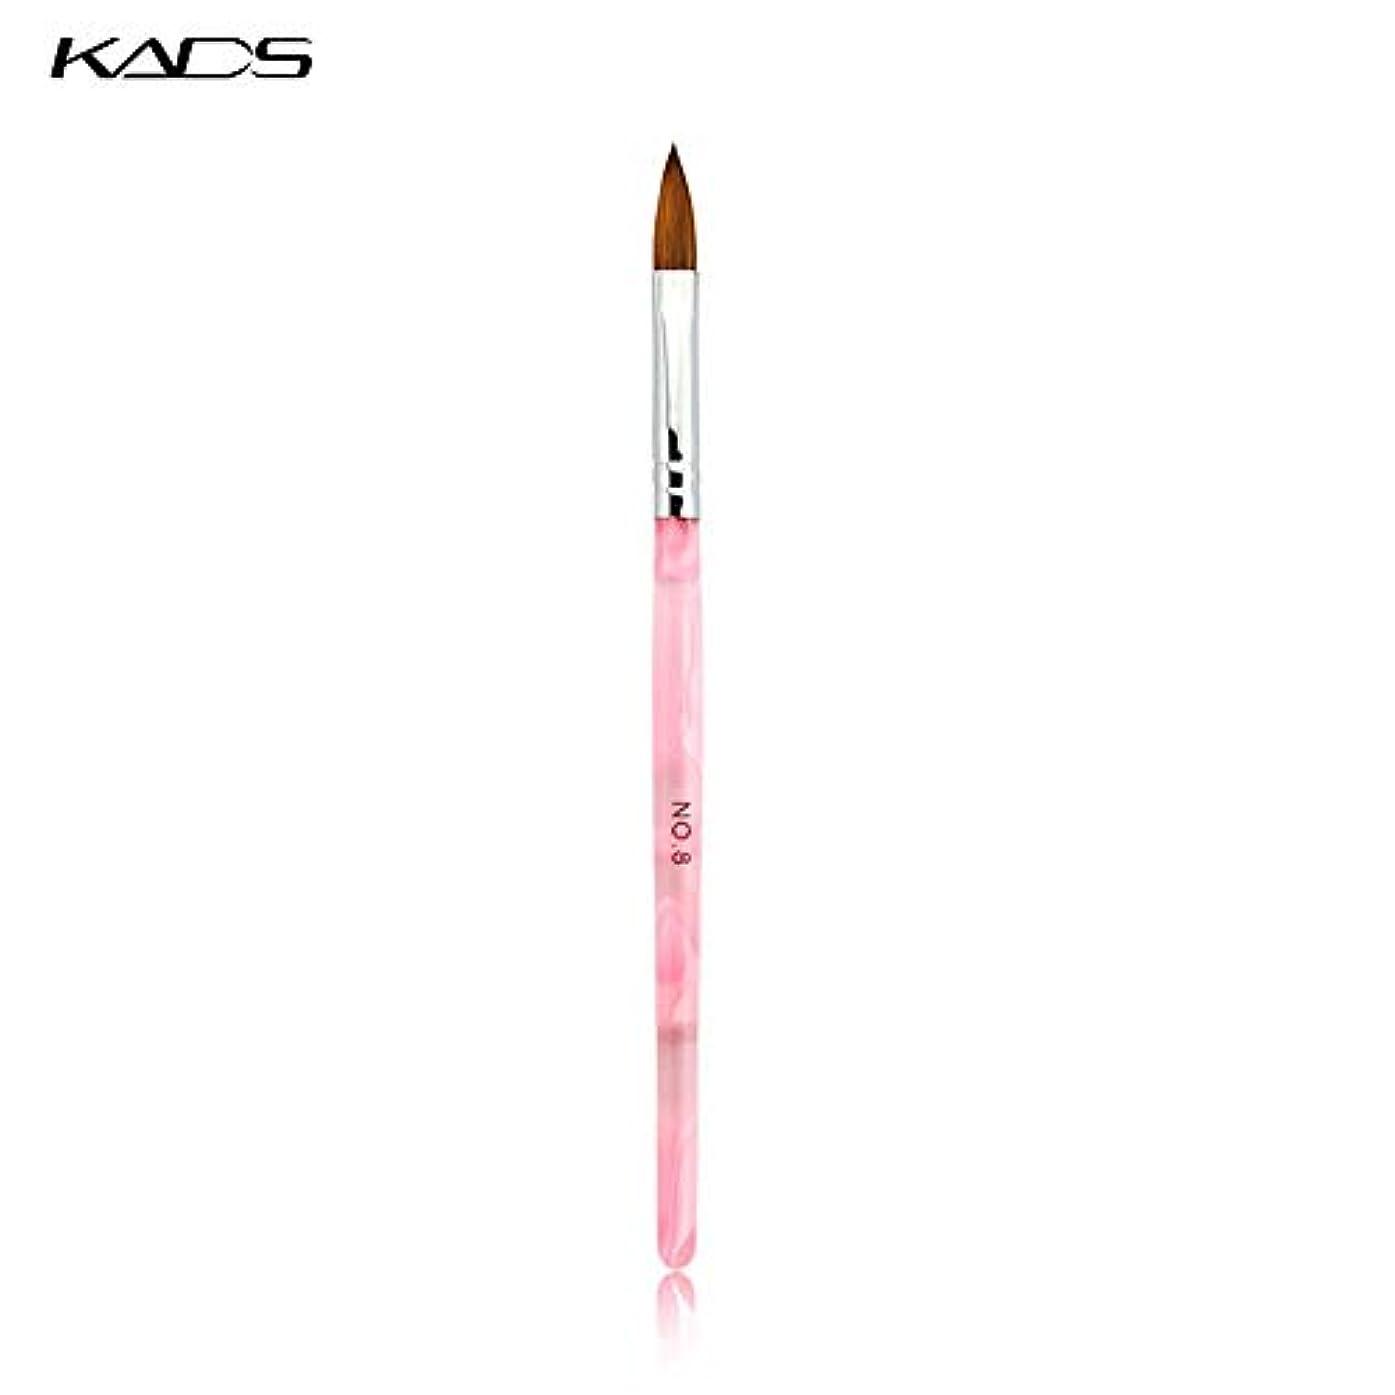 ゲインセイアルコール厳KADS アクリル用ネイル筆/ブラシ 1本 8# コリンスキー筆 ネイルアートペンネイルアートツール (8#)